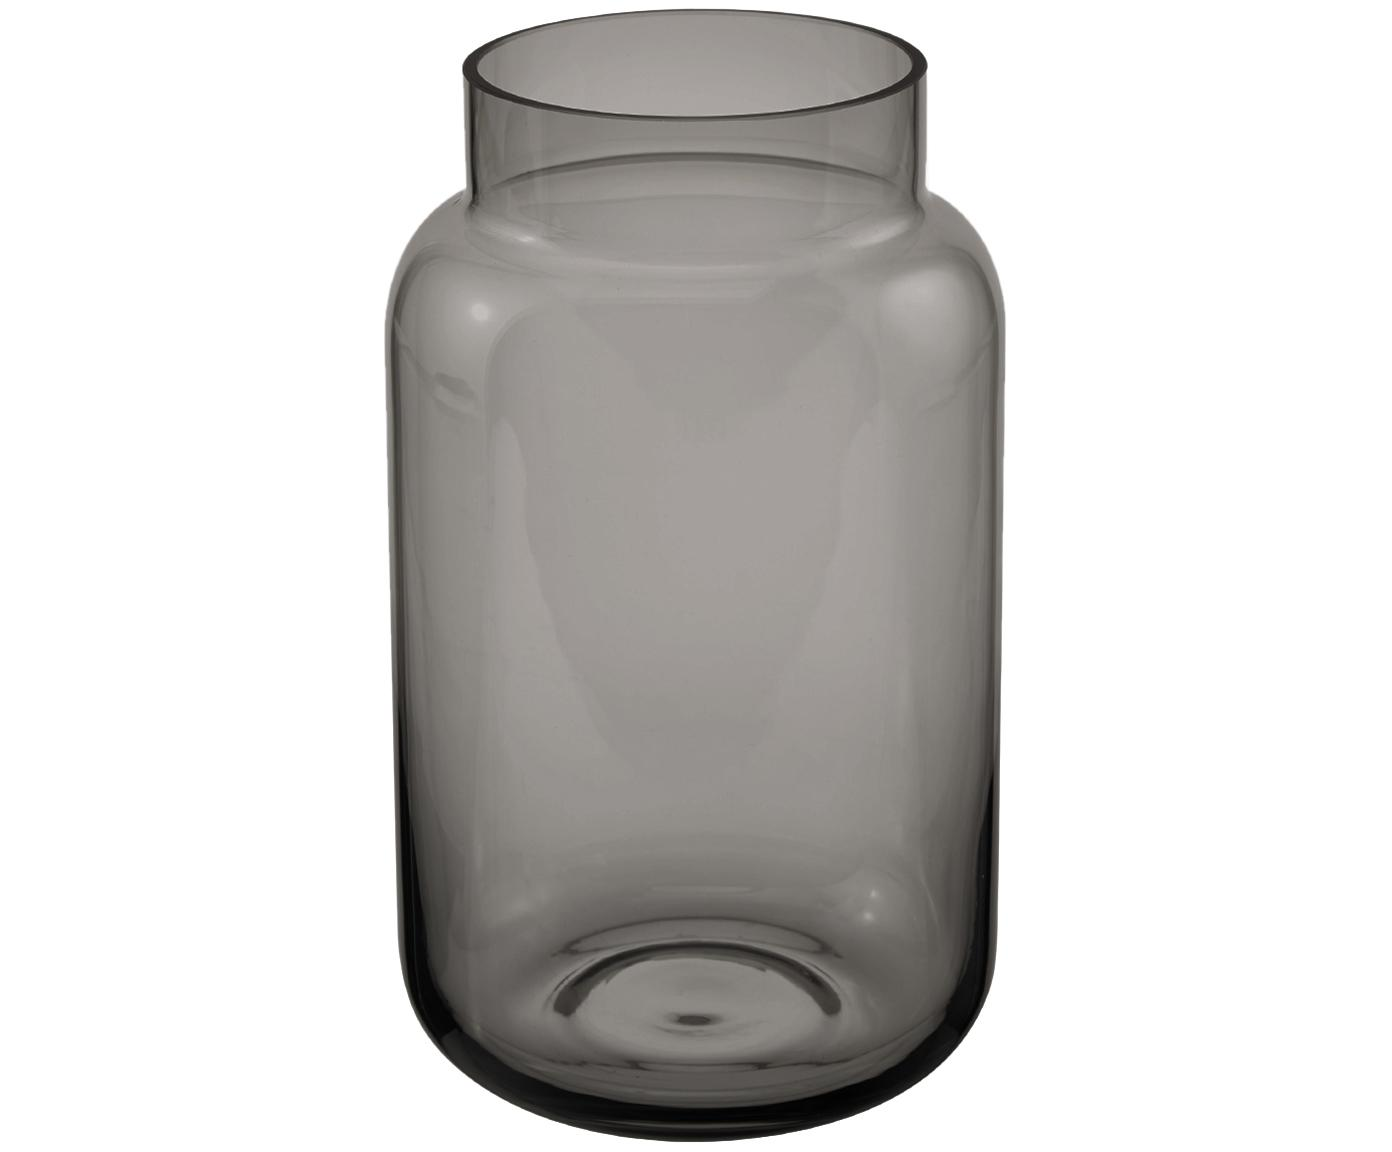 Vaso in vetro Lasse, Vetro, Grigio, trasparente, Ø 14 x Alt. 23 cm